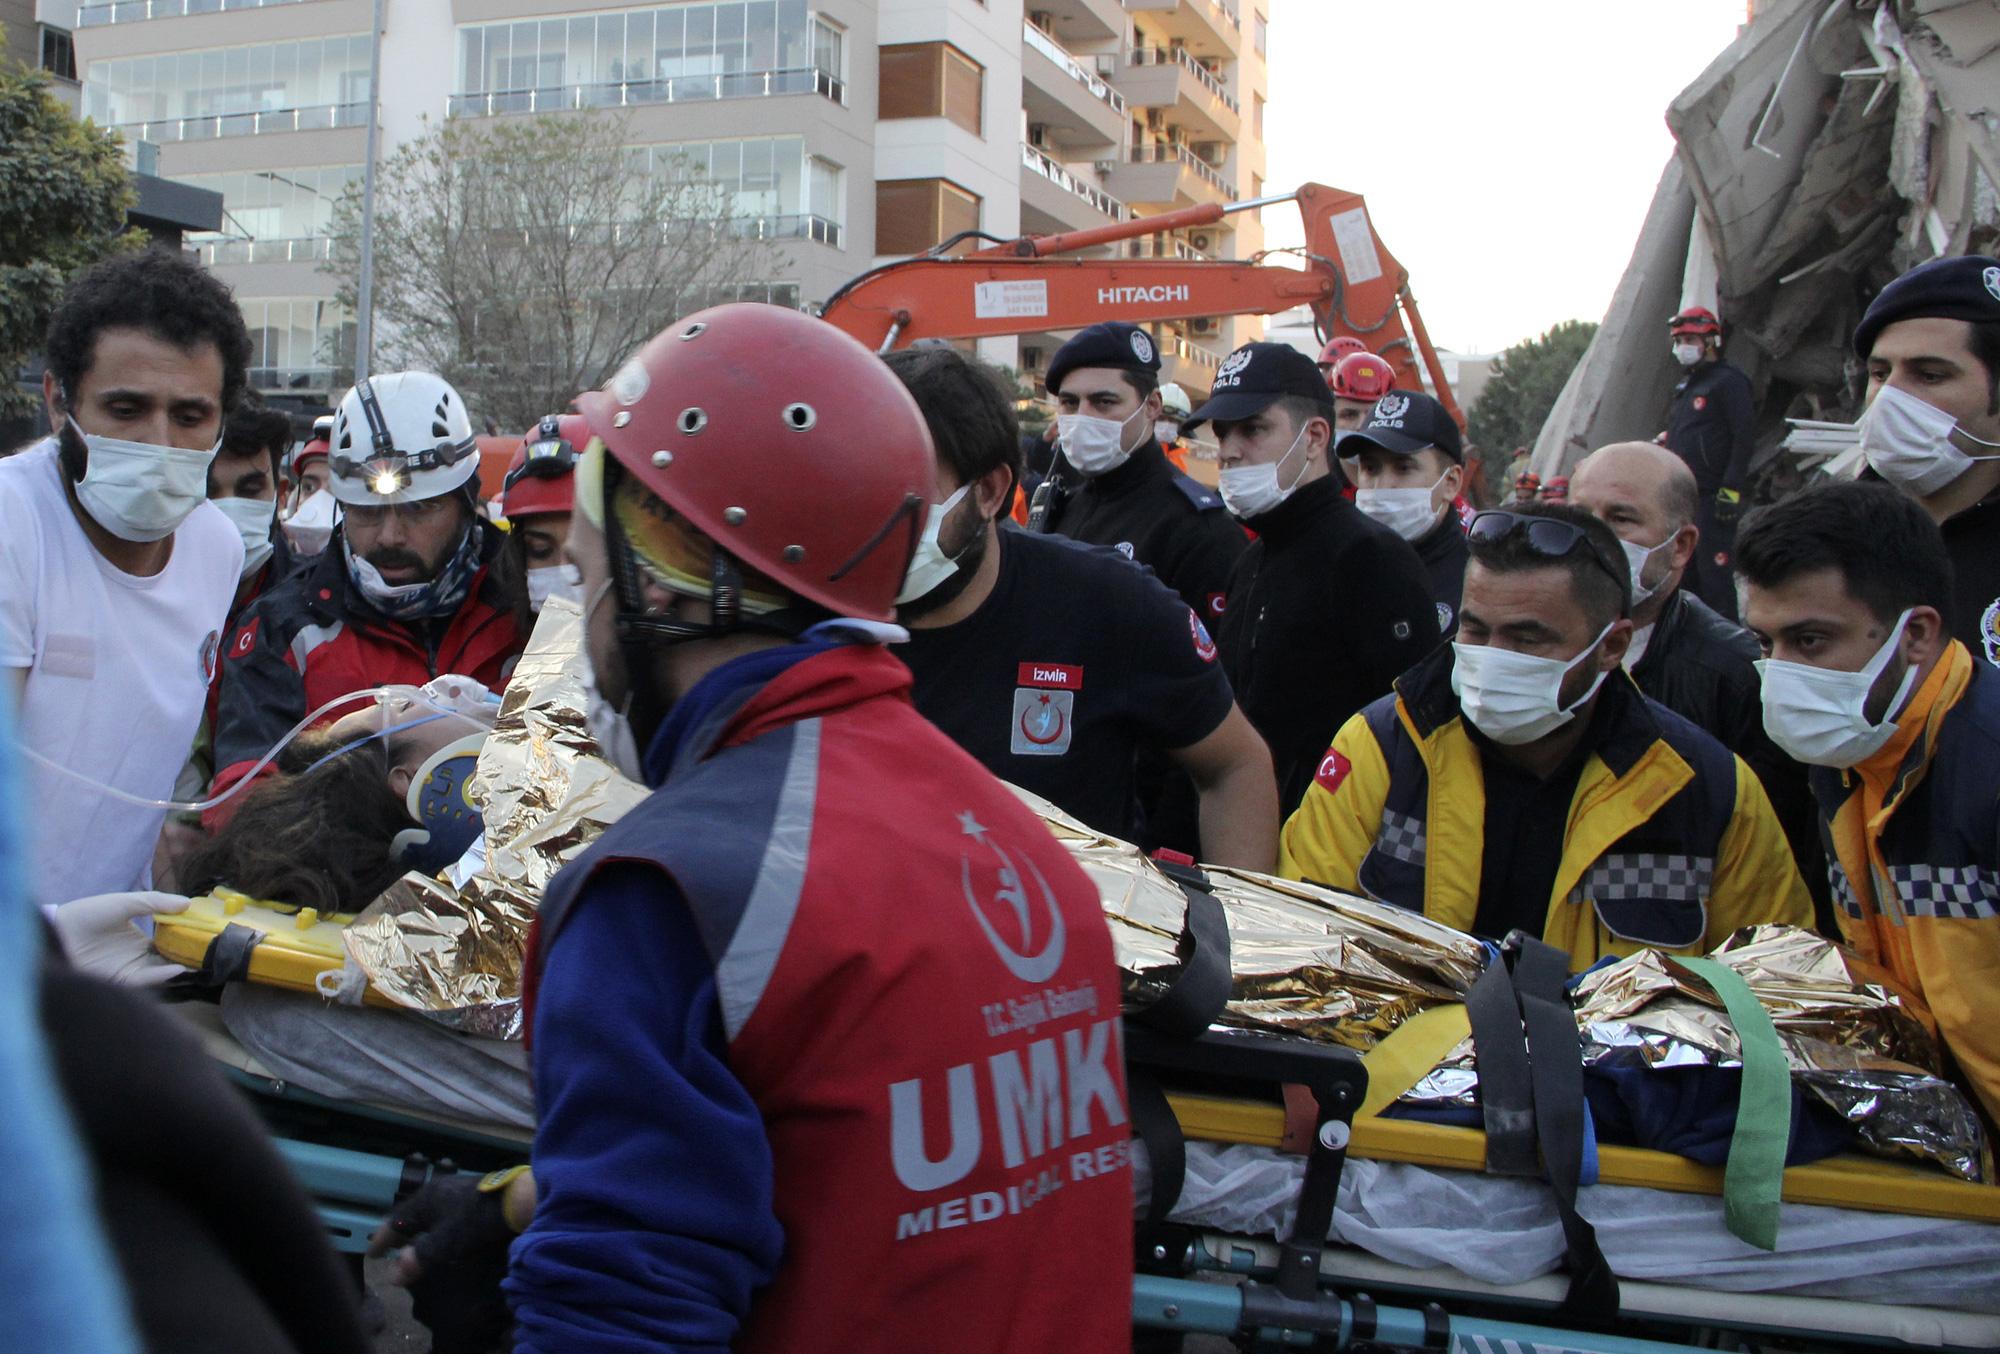 Động đất tại Thổ Nhĩ Kỳ, hơn 40 người thiệt mạng, gần 900 người bị thương - Ảnh 1